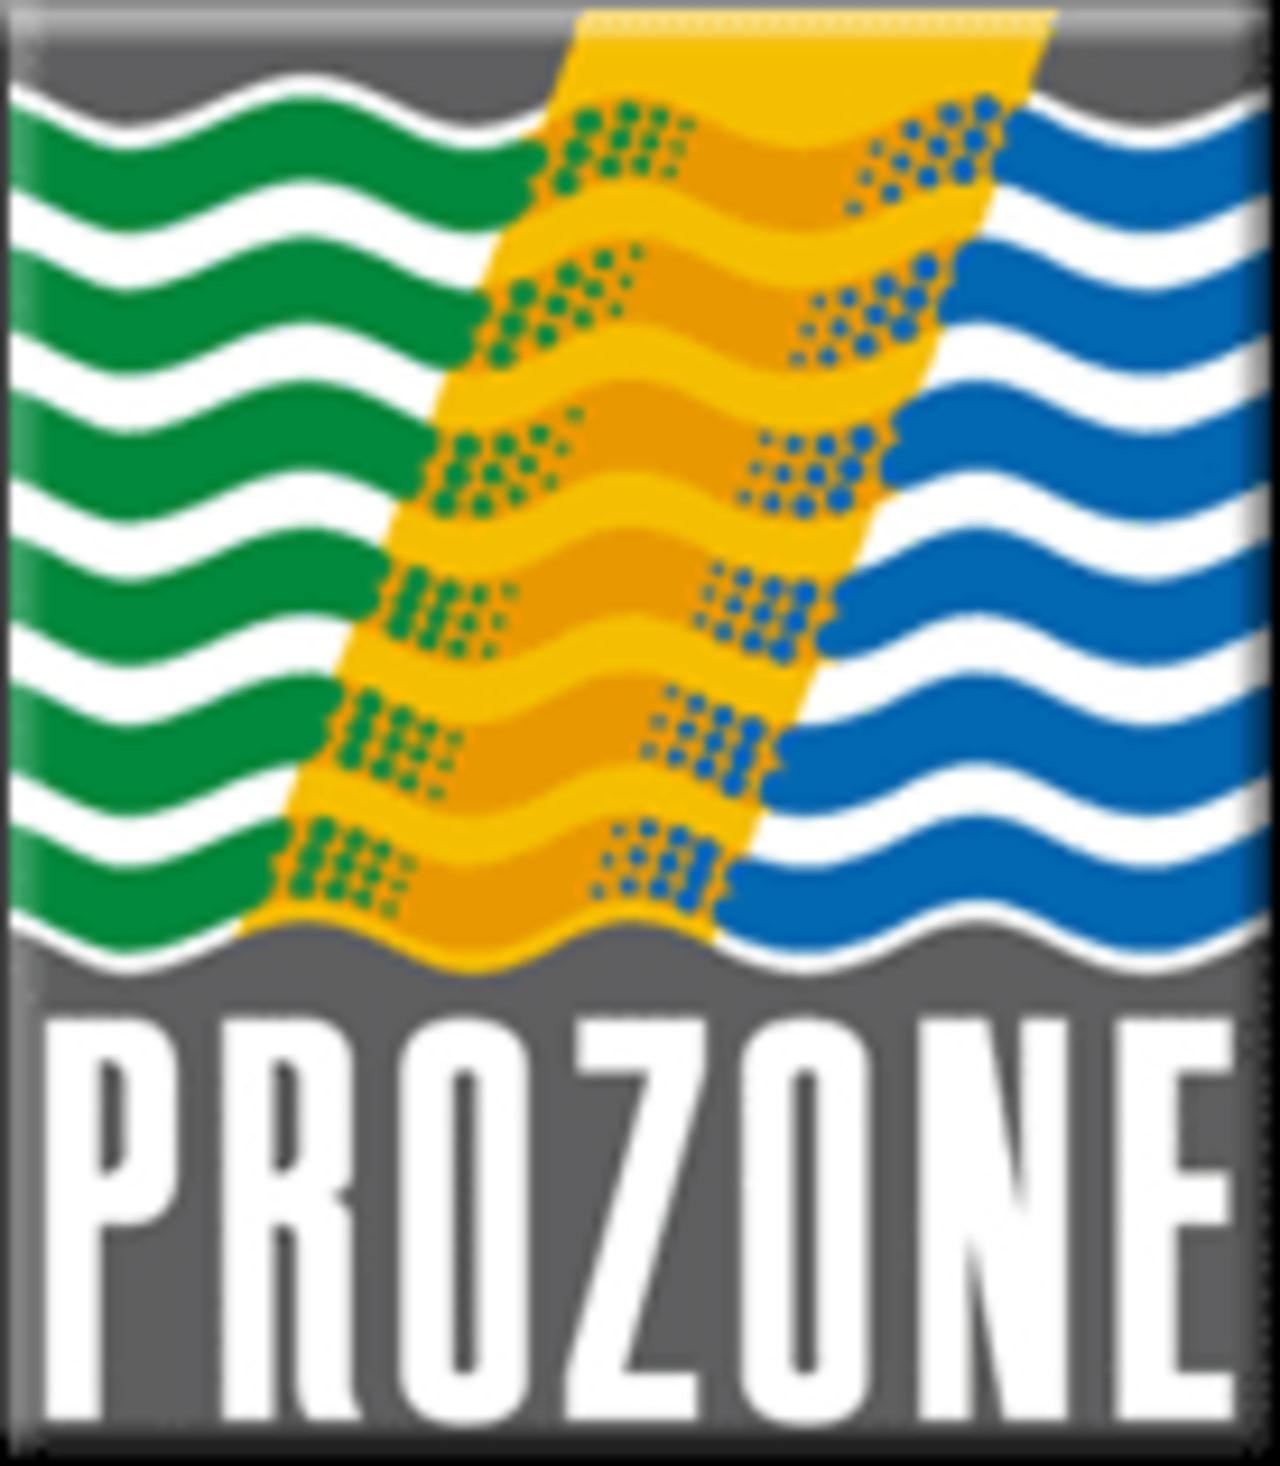 Prozone - flag | font | linens | flag, font, linens, poster, t-shirt, textile, white